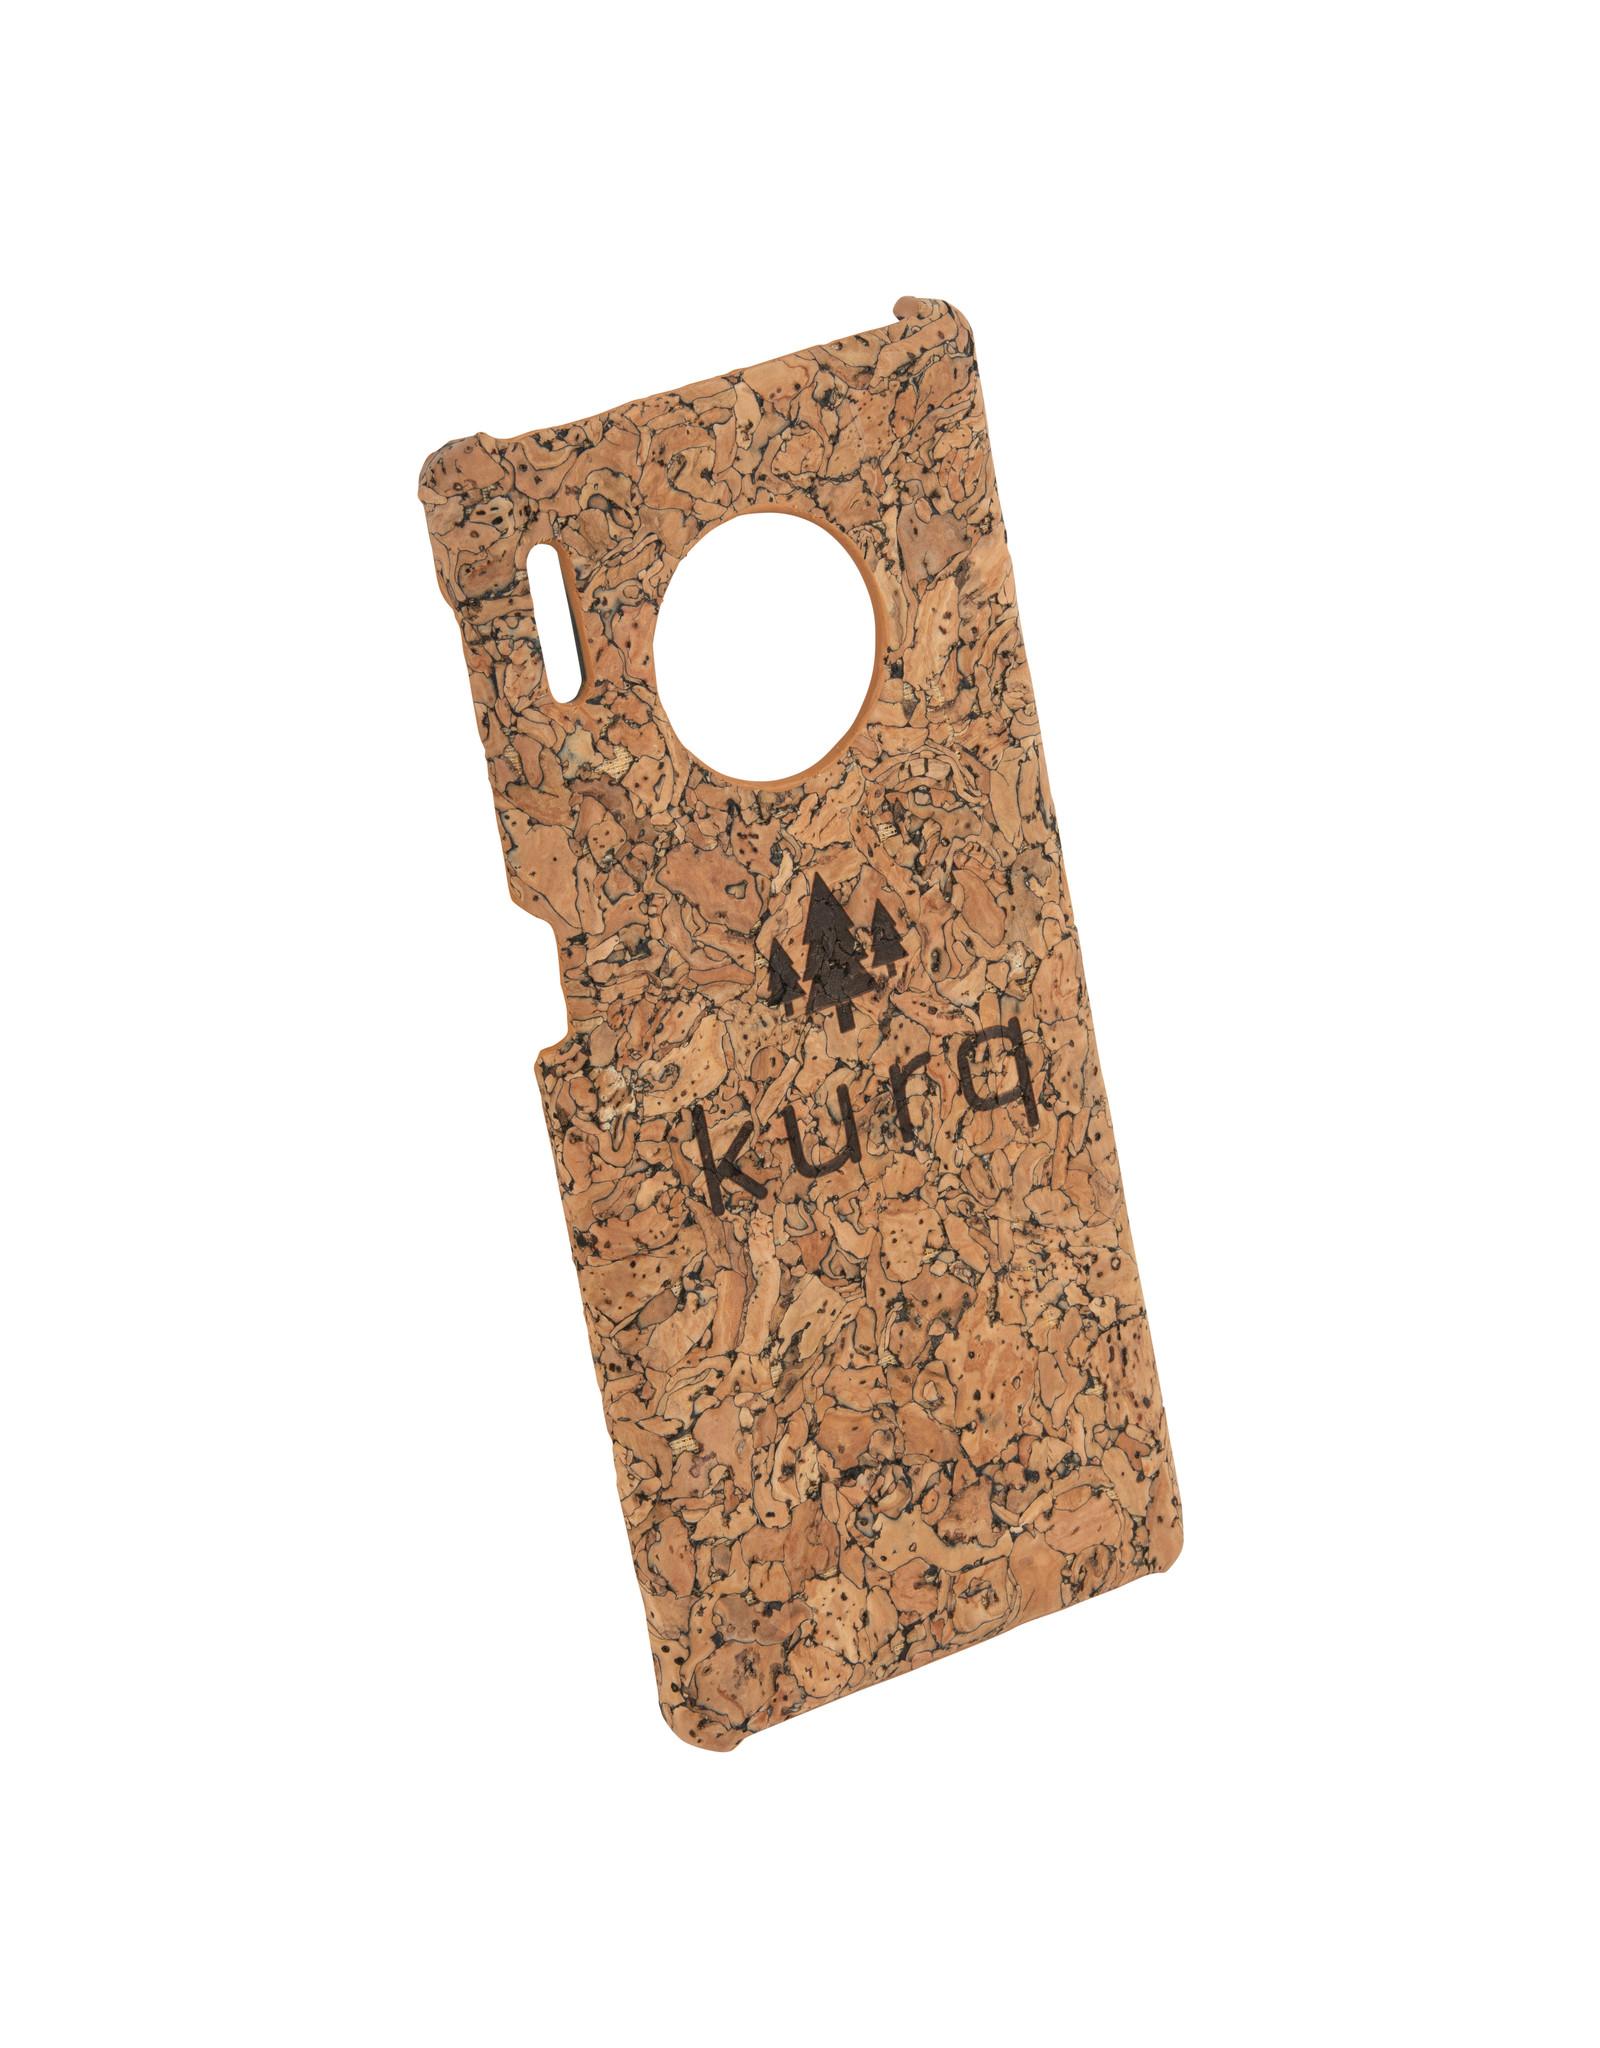 KURQ - Cork phone case for Huawei Mate 30 Pro